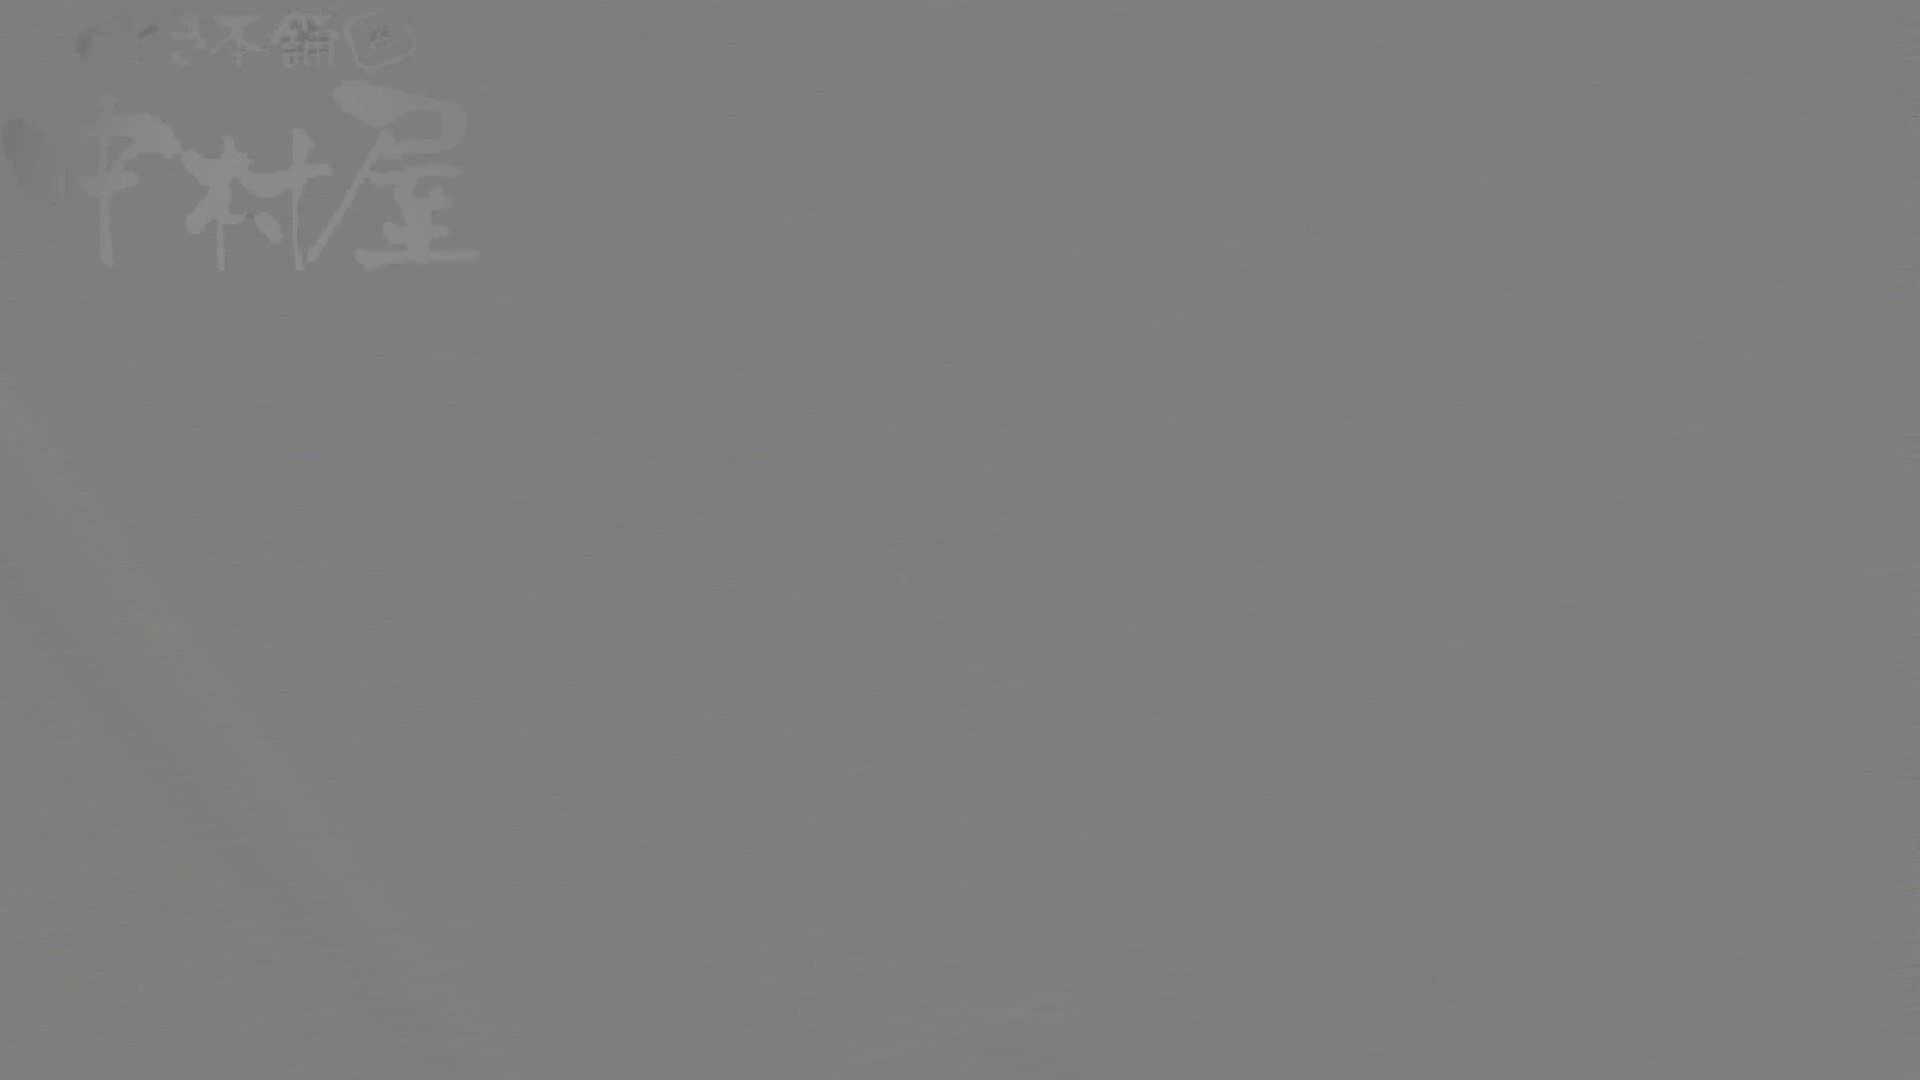 エロ動画:美しい日本の未来 No.02 番外編※注意※好き嫌いはわかれる所です。:のぞき本舗 中村屋